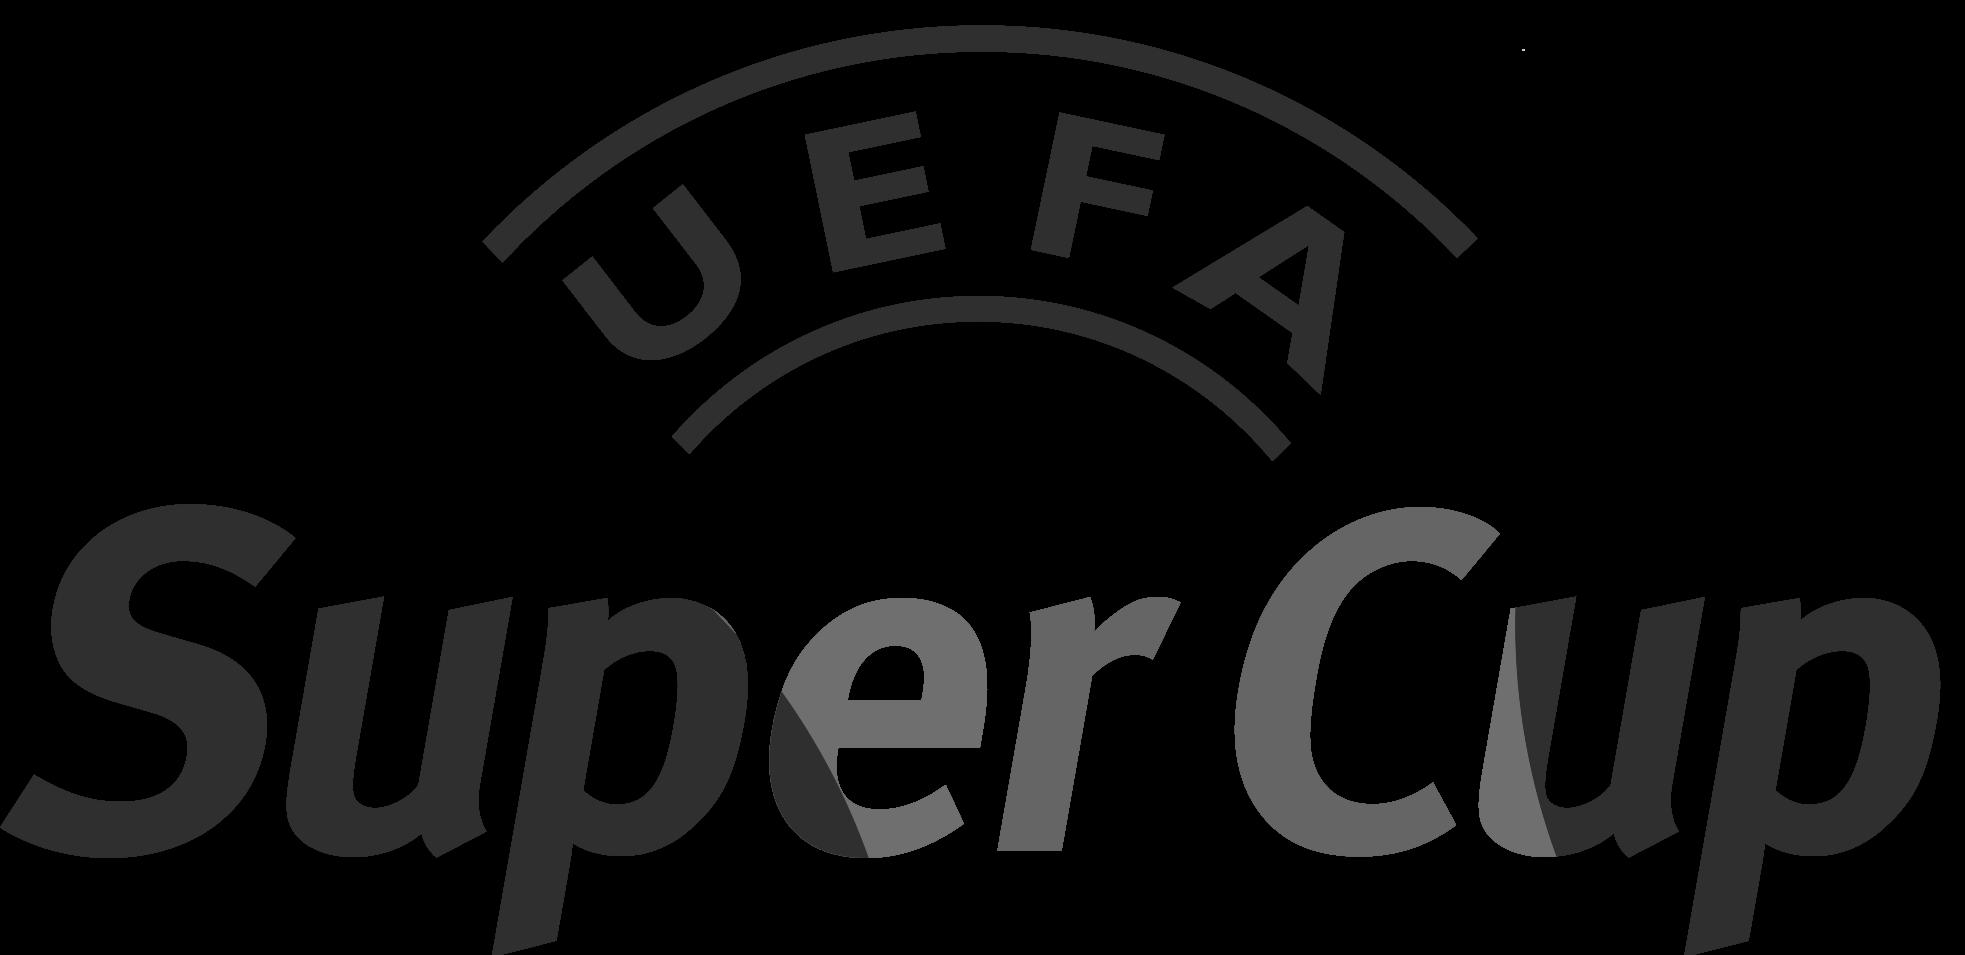 eufa super cup